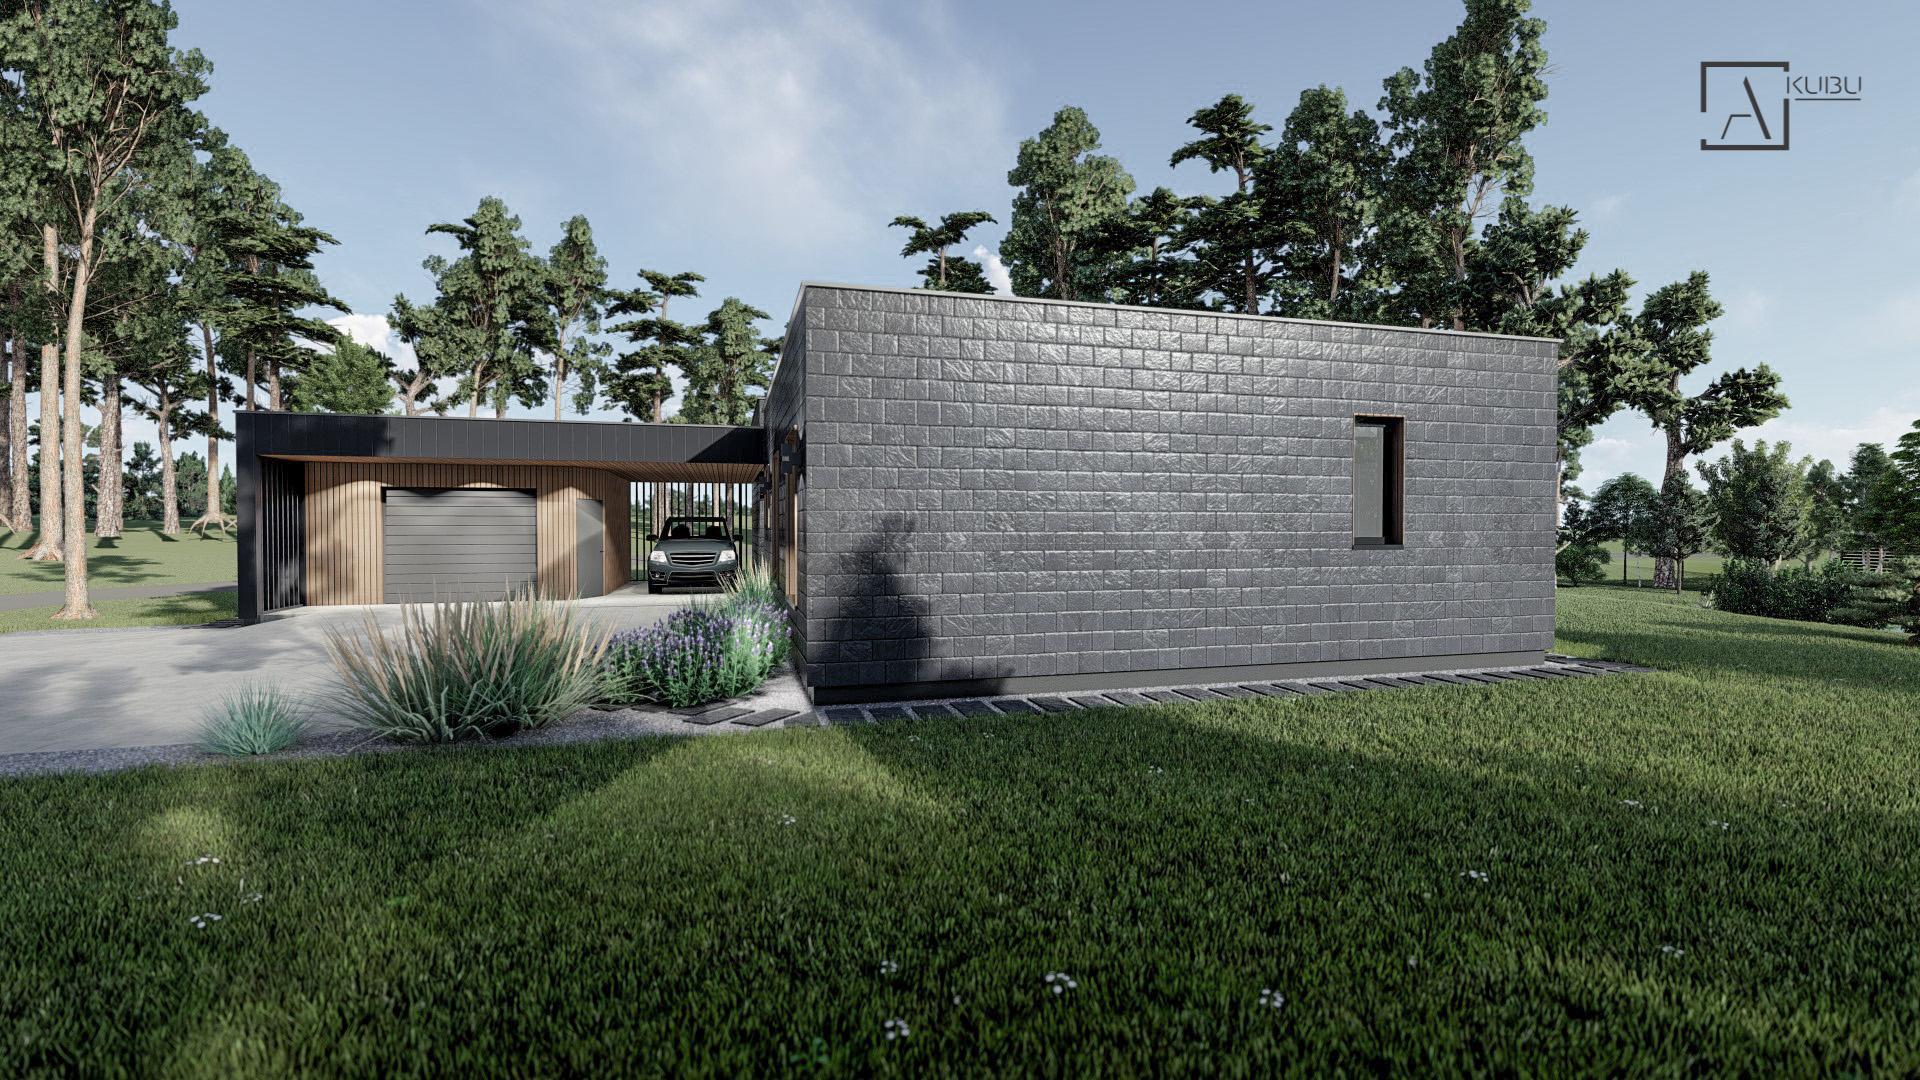 Namų projektas - KOBALTAS